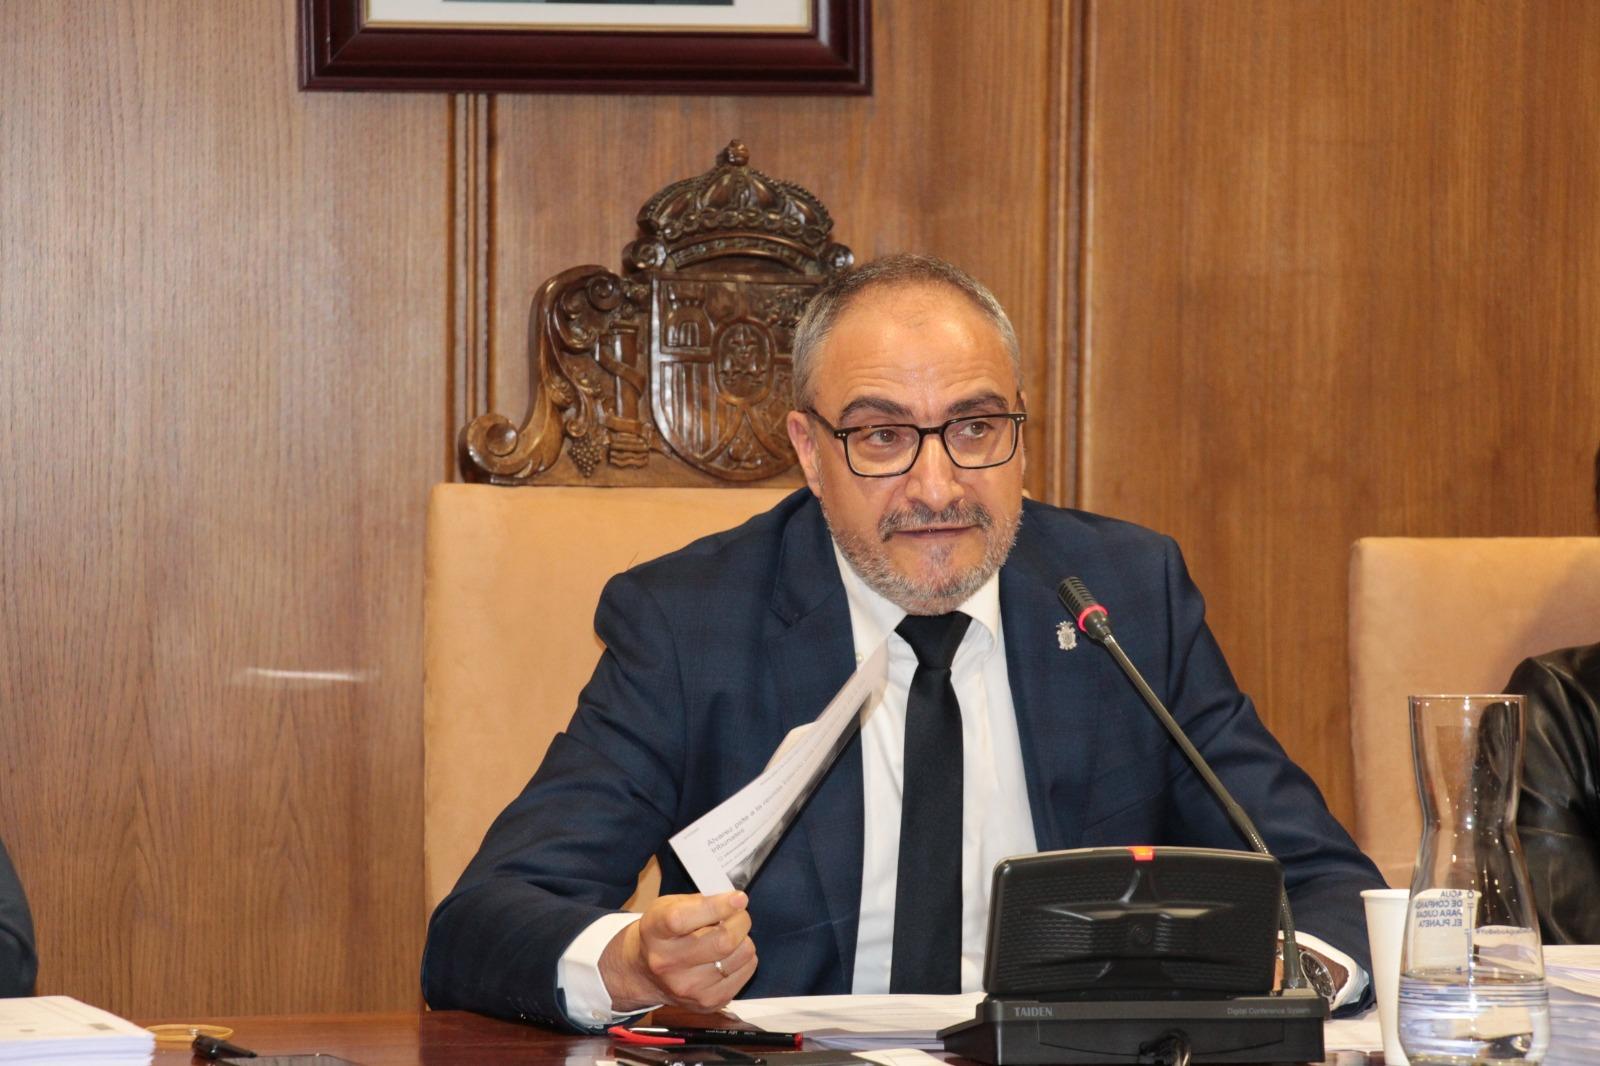 El alcalde de Ponferrada, el socialista Olegario Ramón, en un Pleno celebrado en el Ayuntamiento ponferradino.